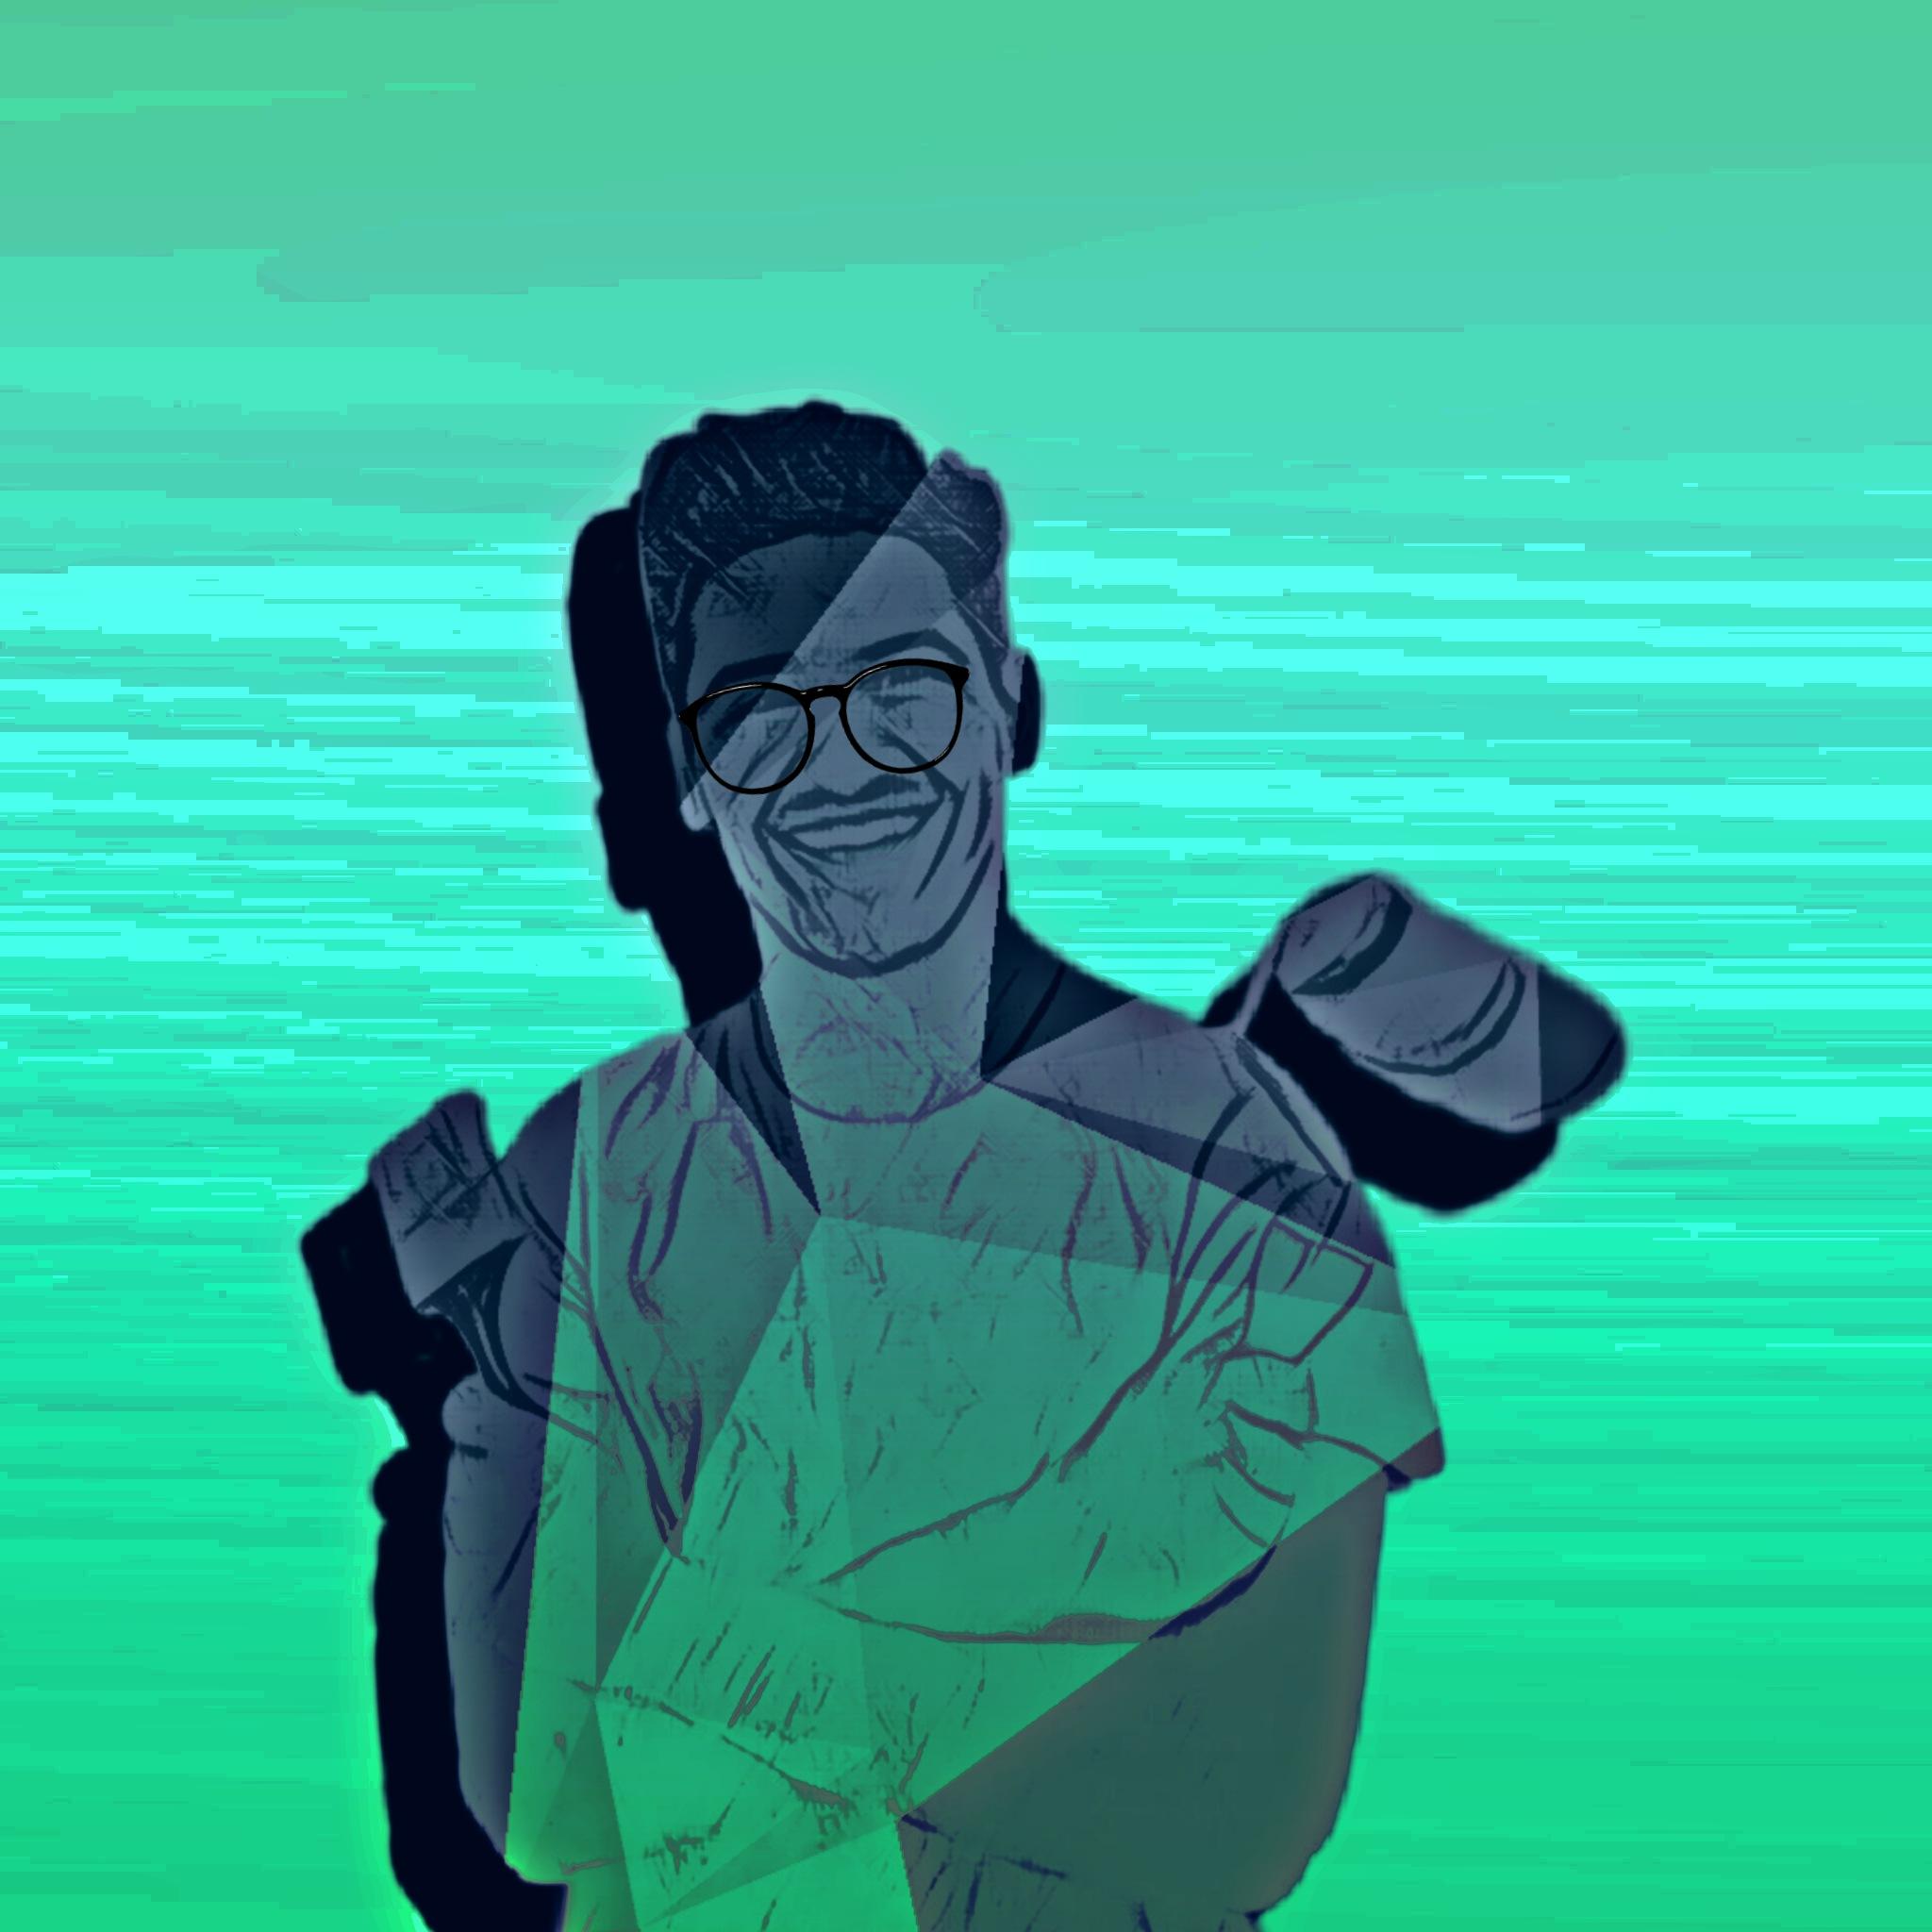 Boy face portrait illustration